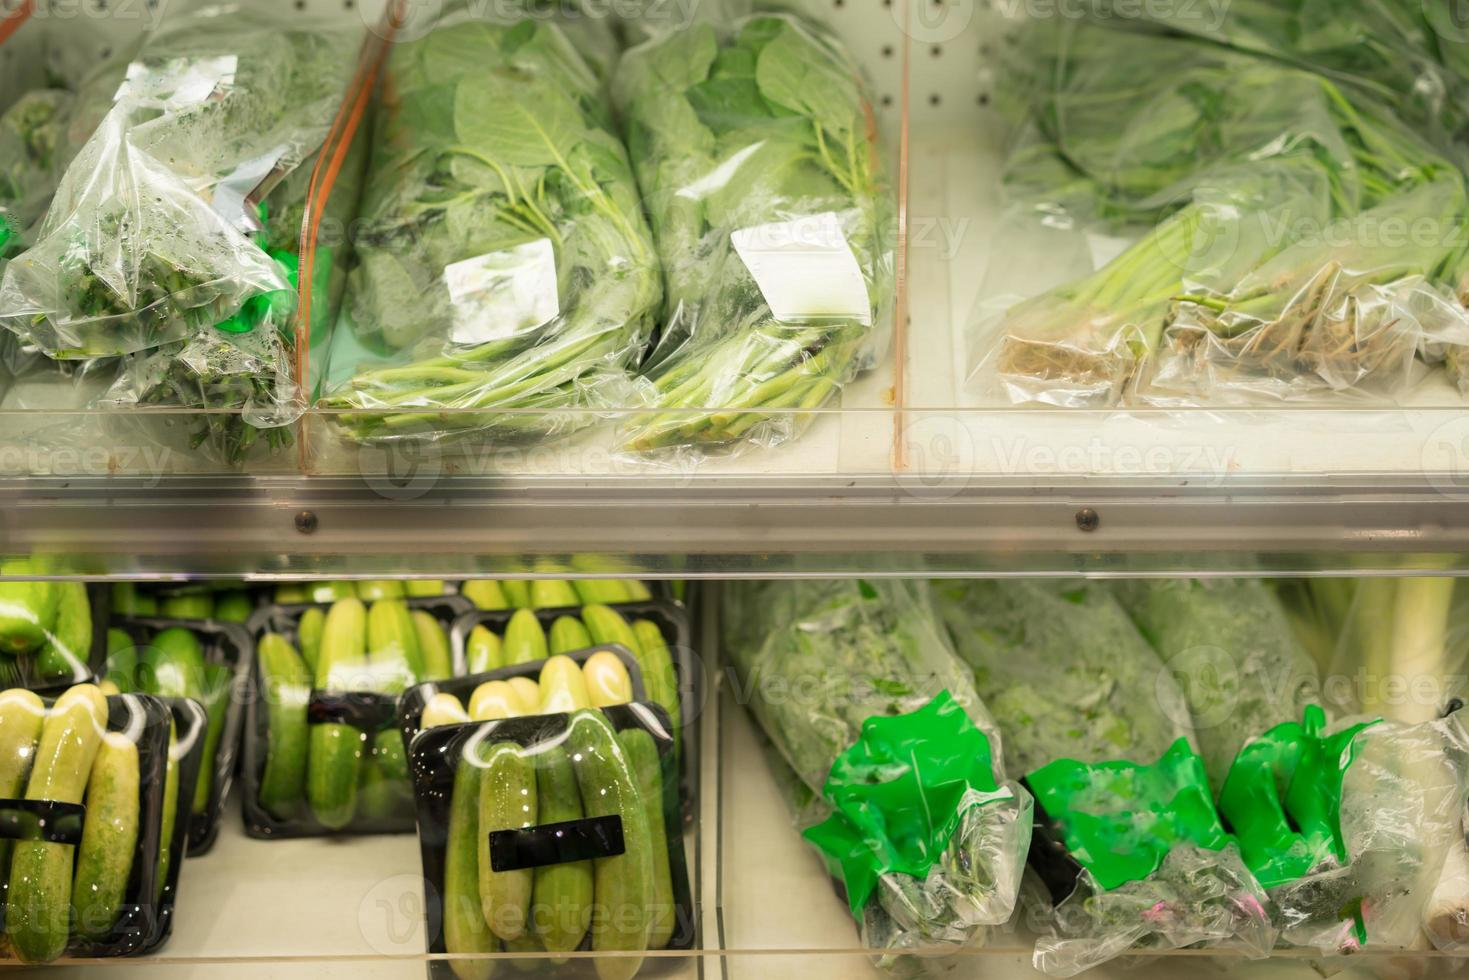 abgepacktes Gemüse in einem Regal foto